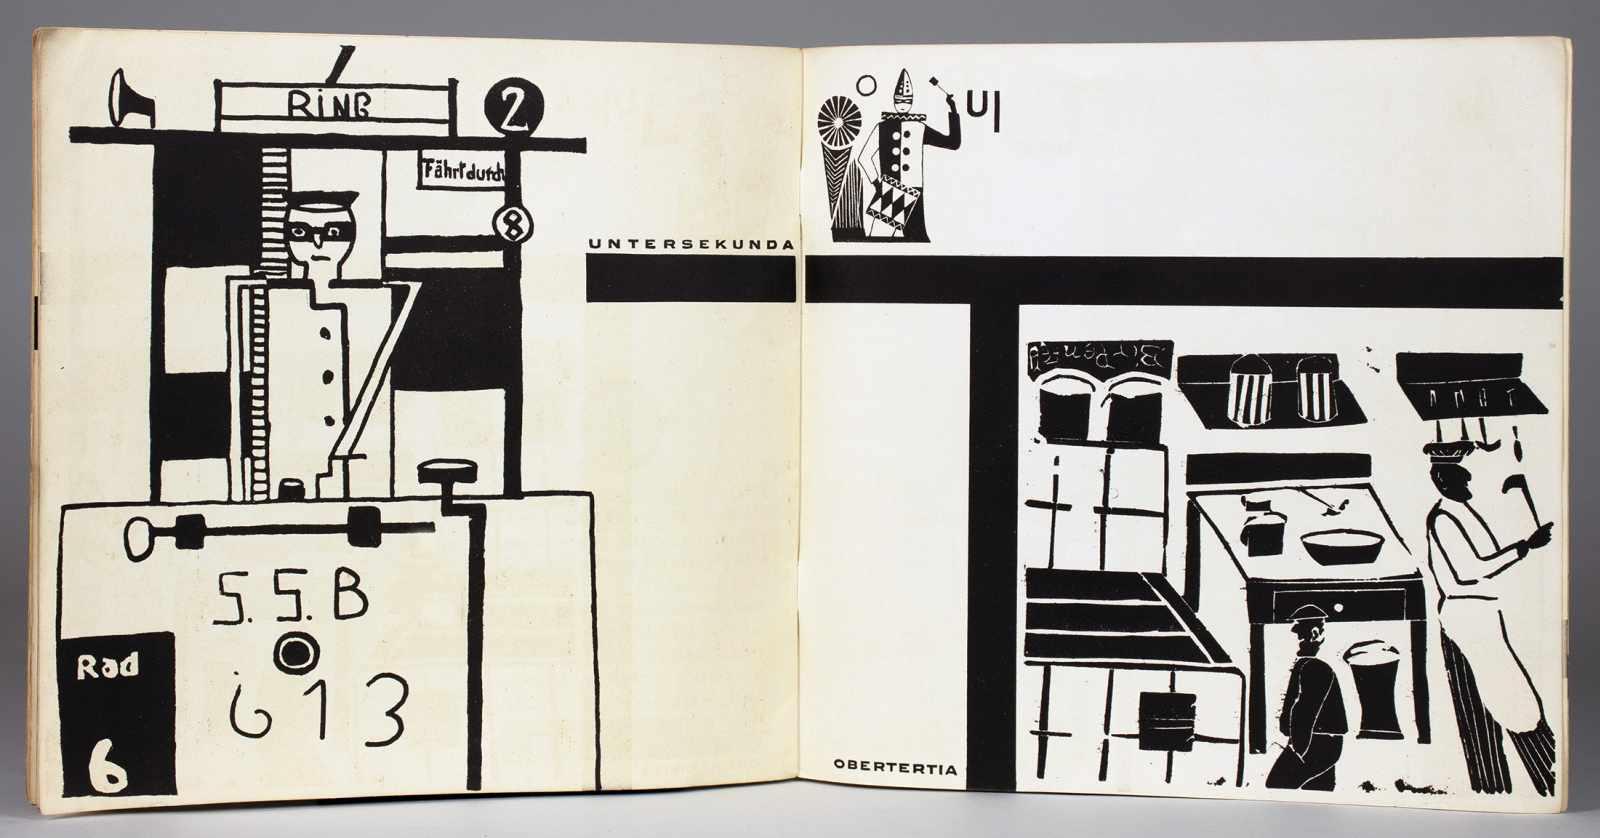 Johannes Molzahn - Gestaltung, Gestaltung. Zur schlesischen Arbeitsgemeinschaft für Zeichen- u. - Image 4 of 4